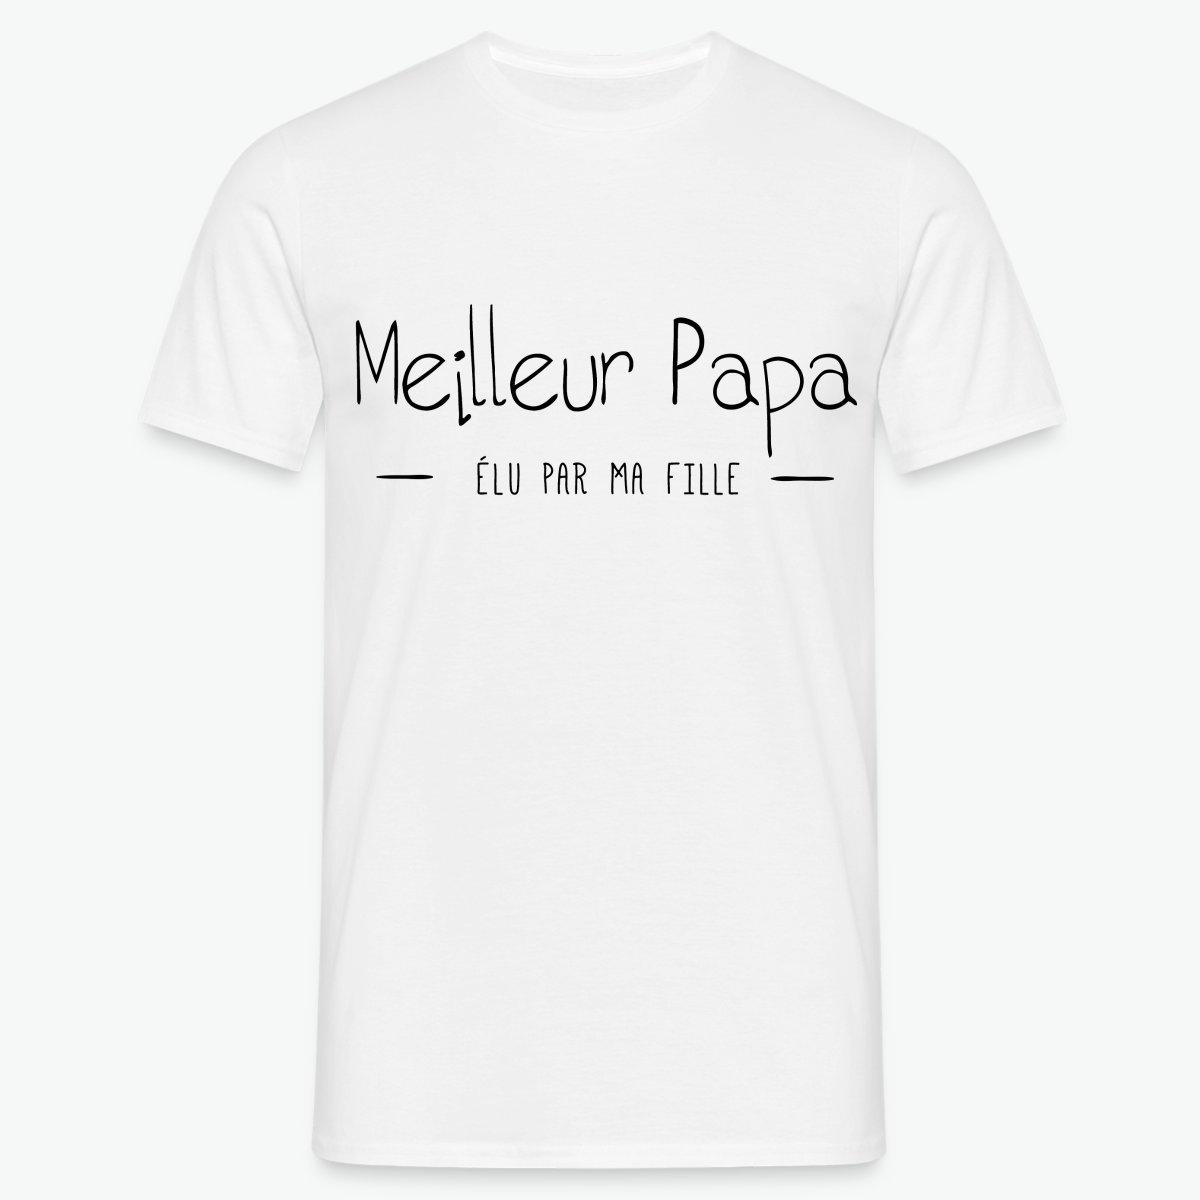 T-shirt Meilleur papa élu par ma fille T-shirt Homme   Tshirt Family de04f0a46176